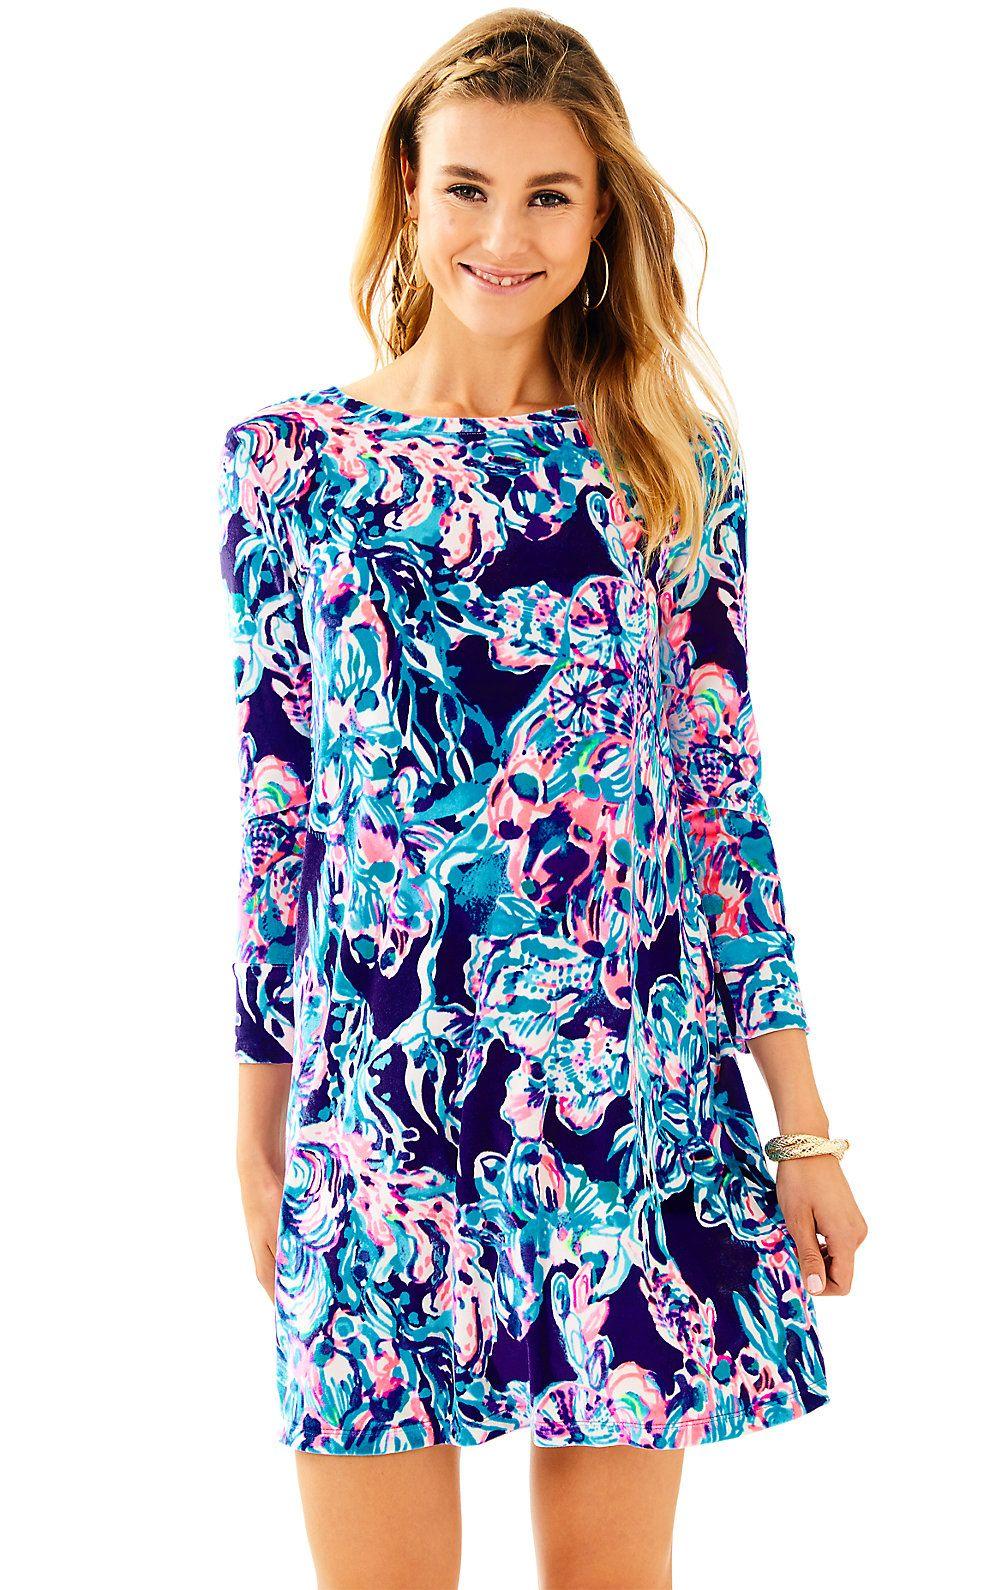 e2a2f1faa068 Olive Swing Dress | Products | Swing dress, Dresses, Olive dress